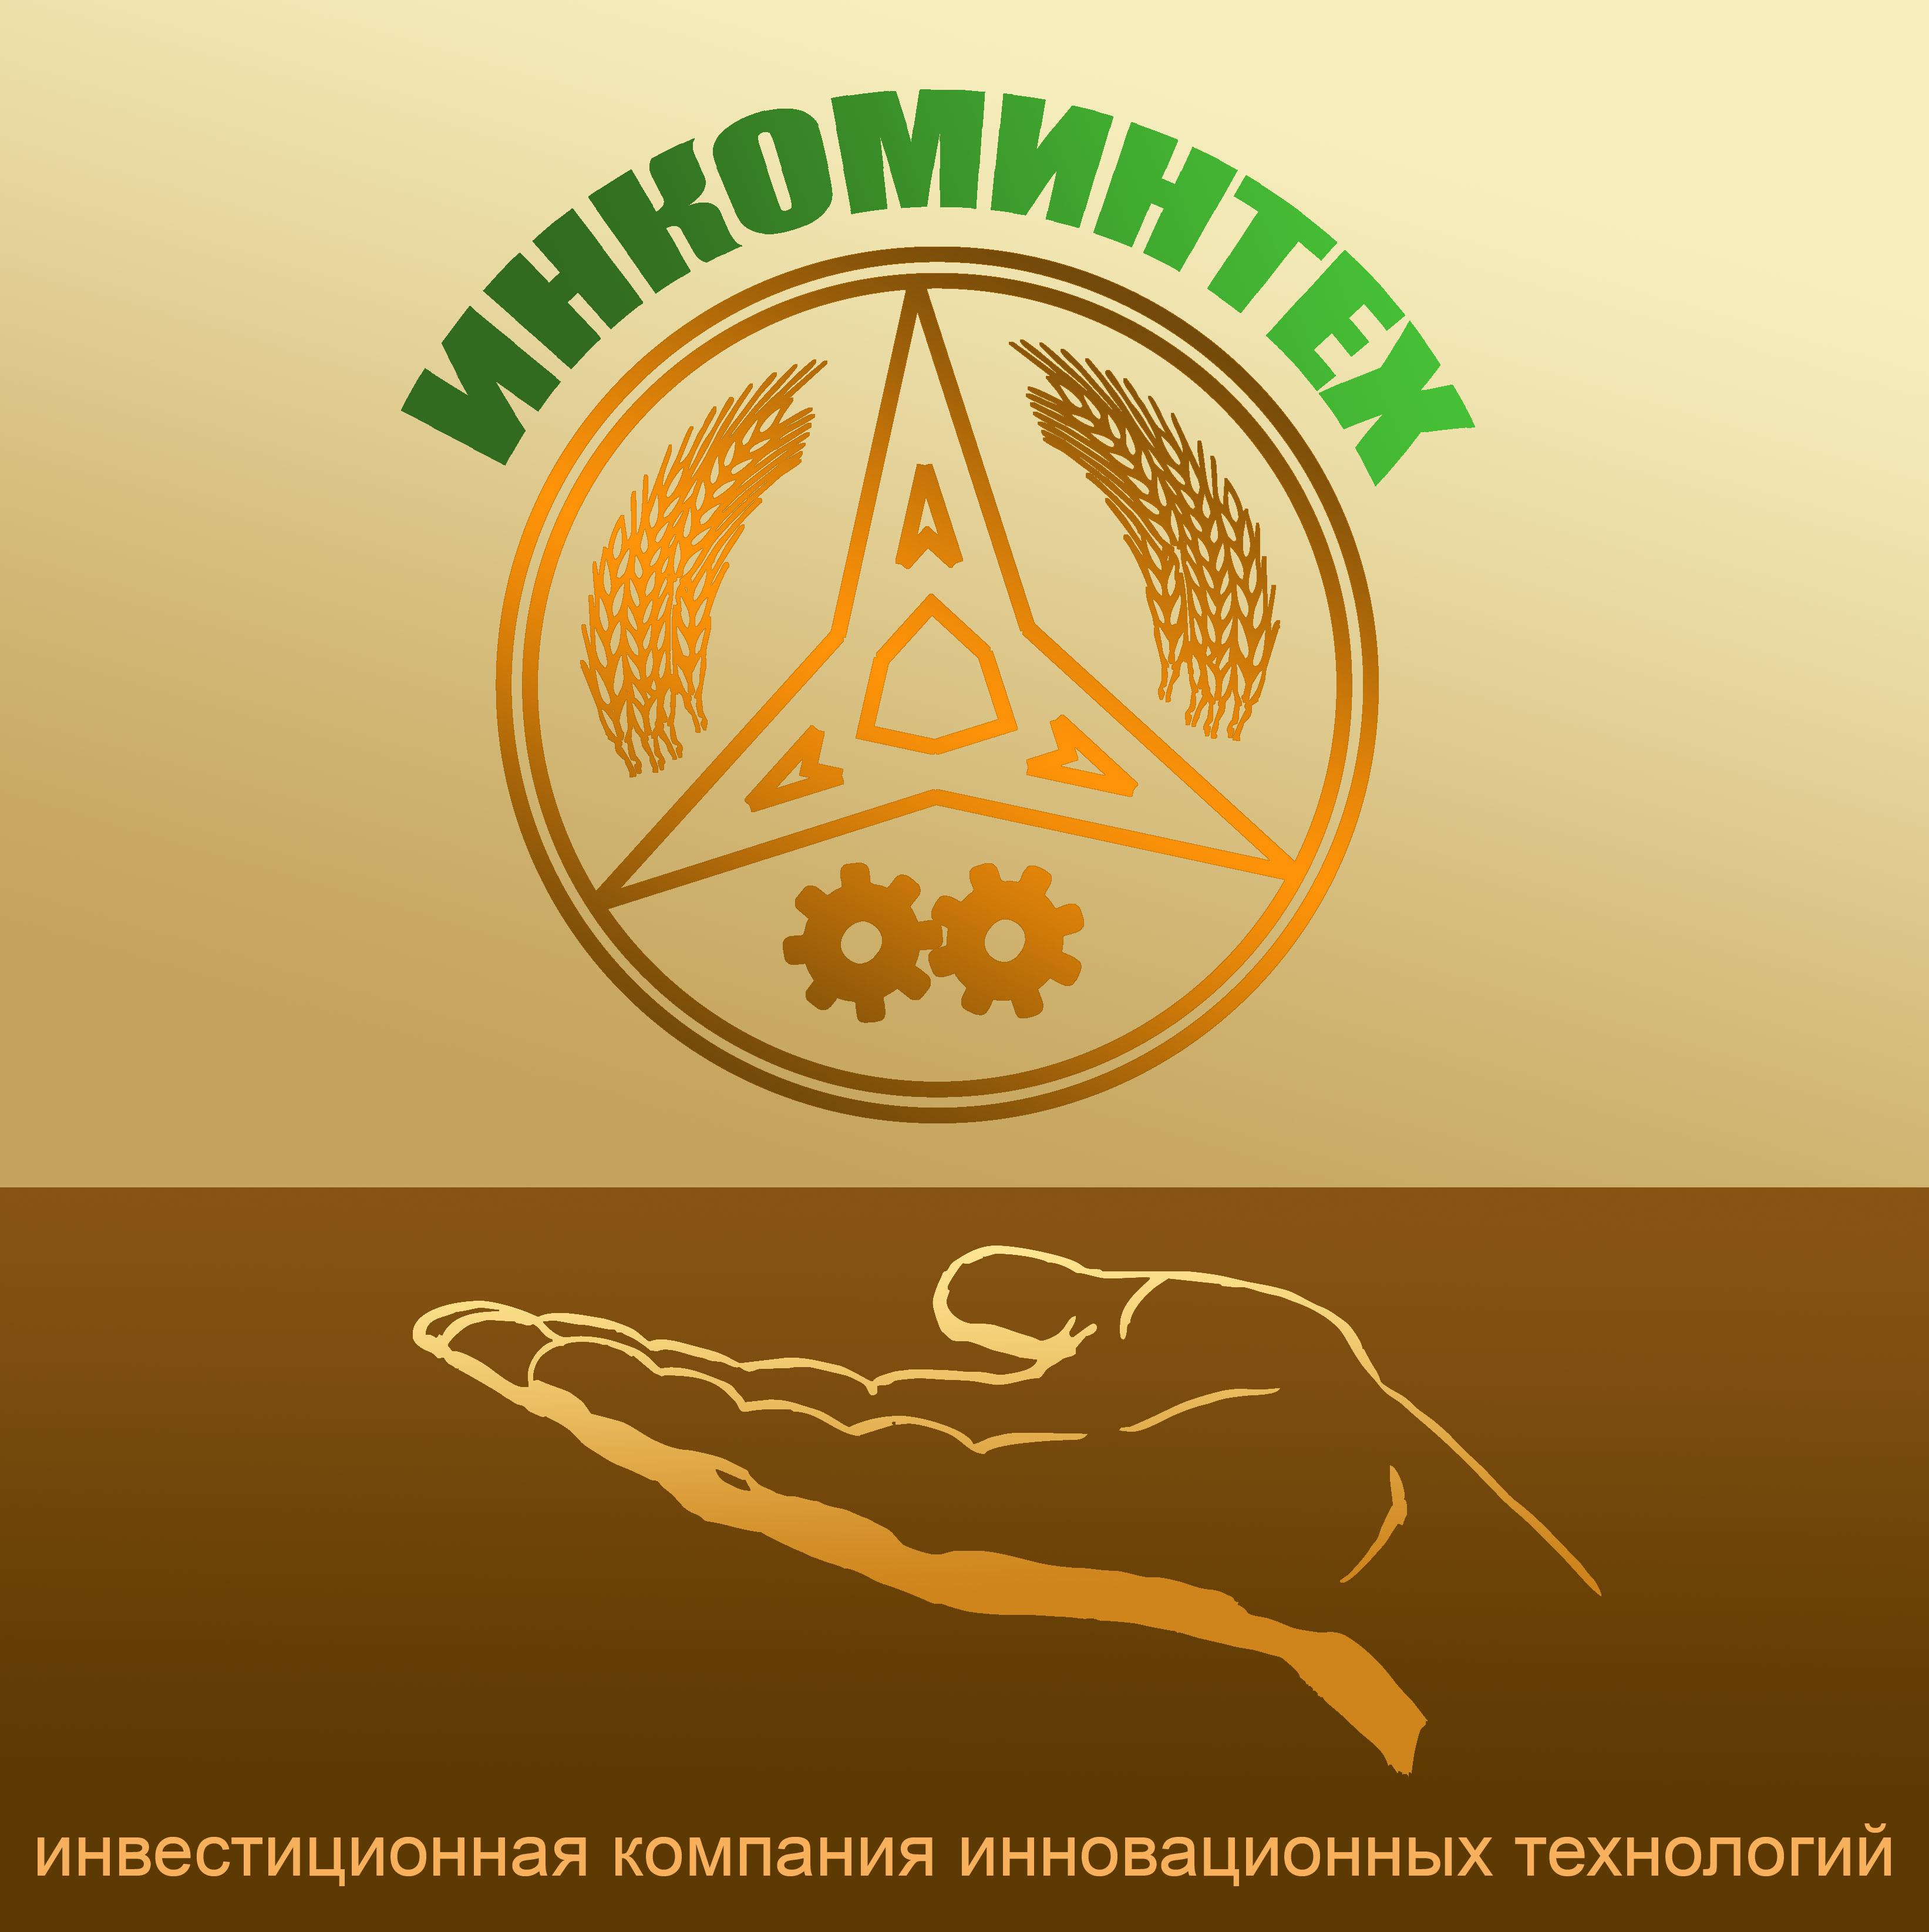 """Разработка логотипа компании """"Инкоминтех"""" фото f_4da0b327a2a71.jpg"""